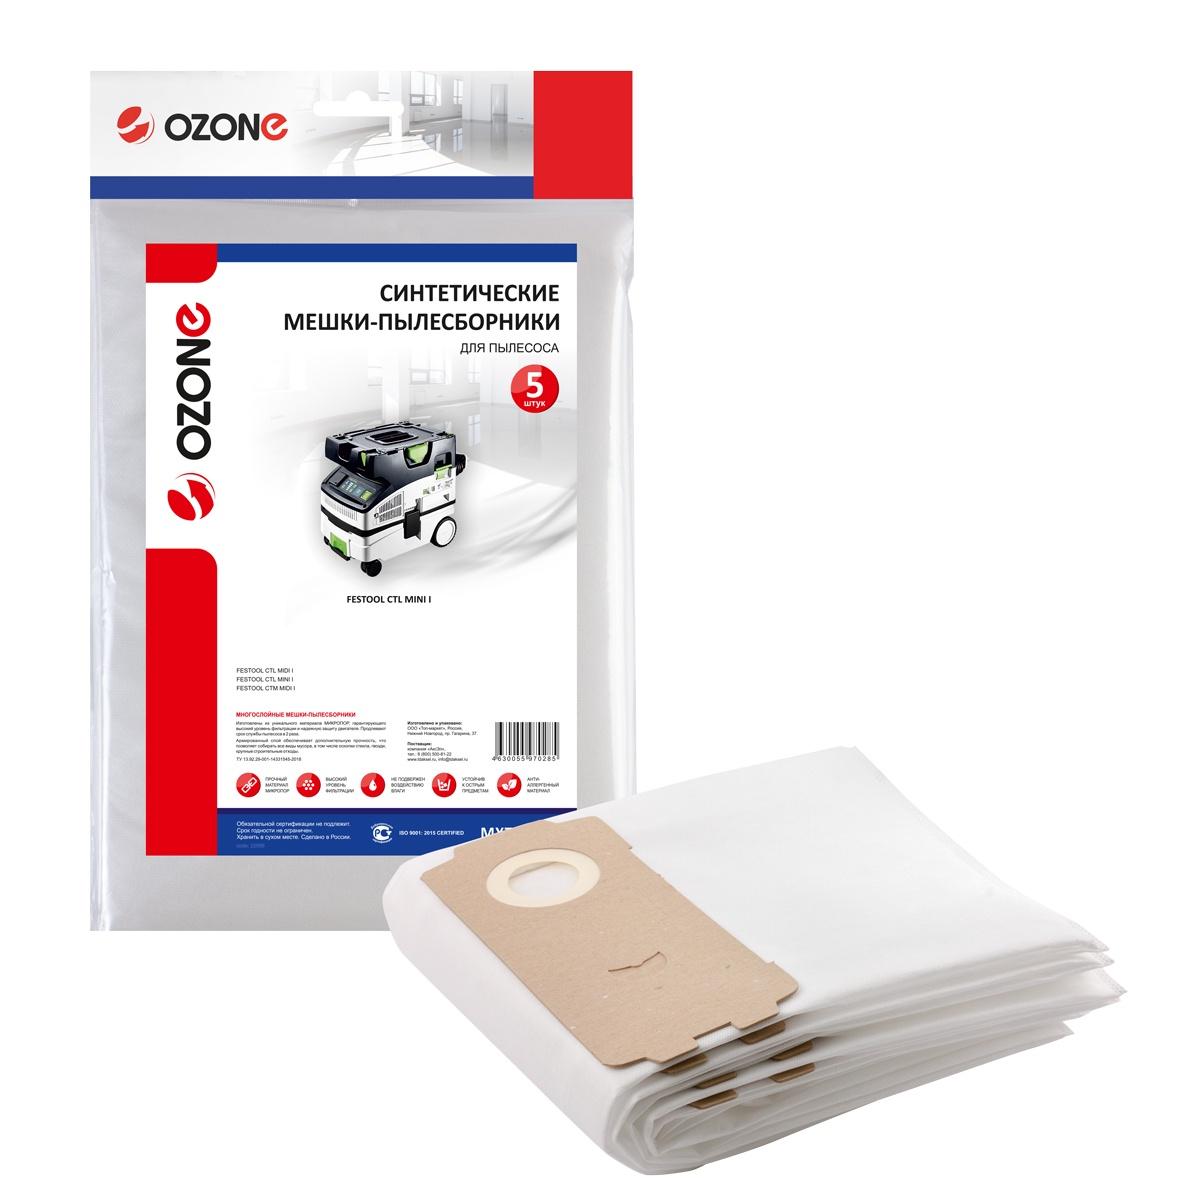 MXT-251/5 Мешки-пылесборники Ozone синтетические для пылесоса, 5 шт